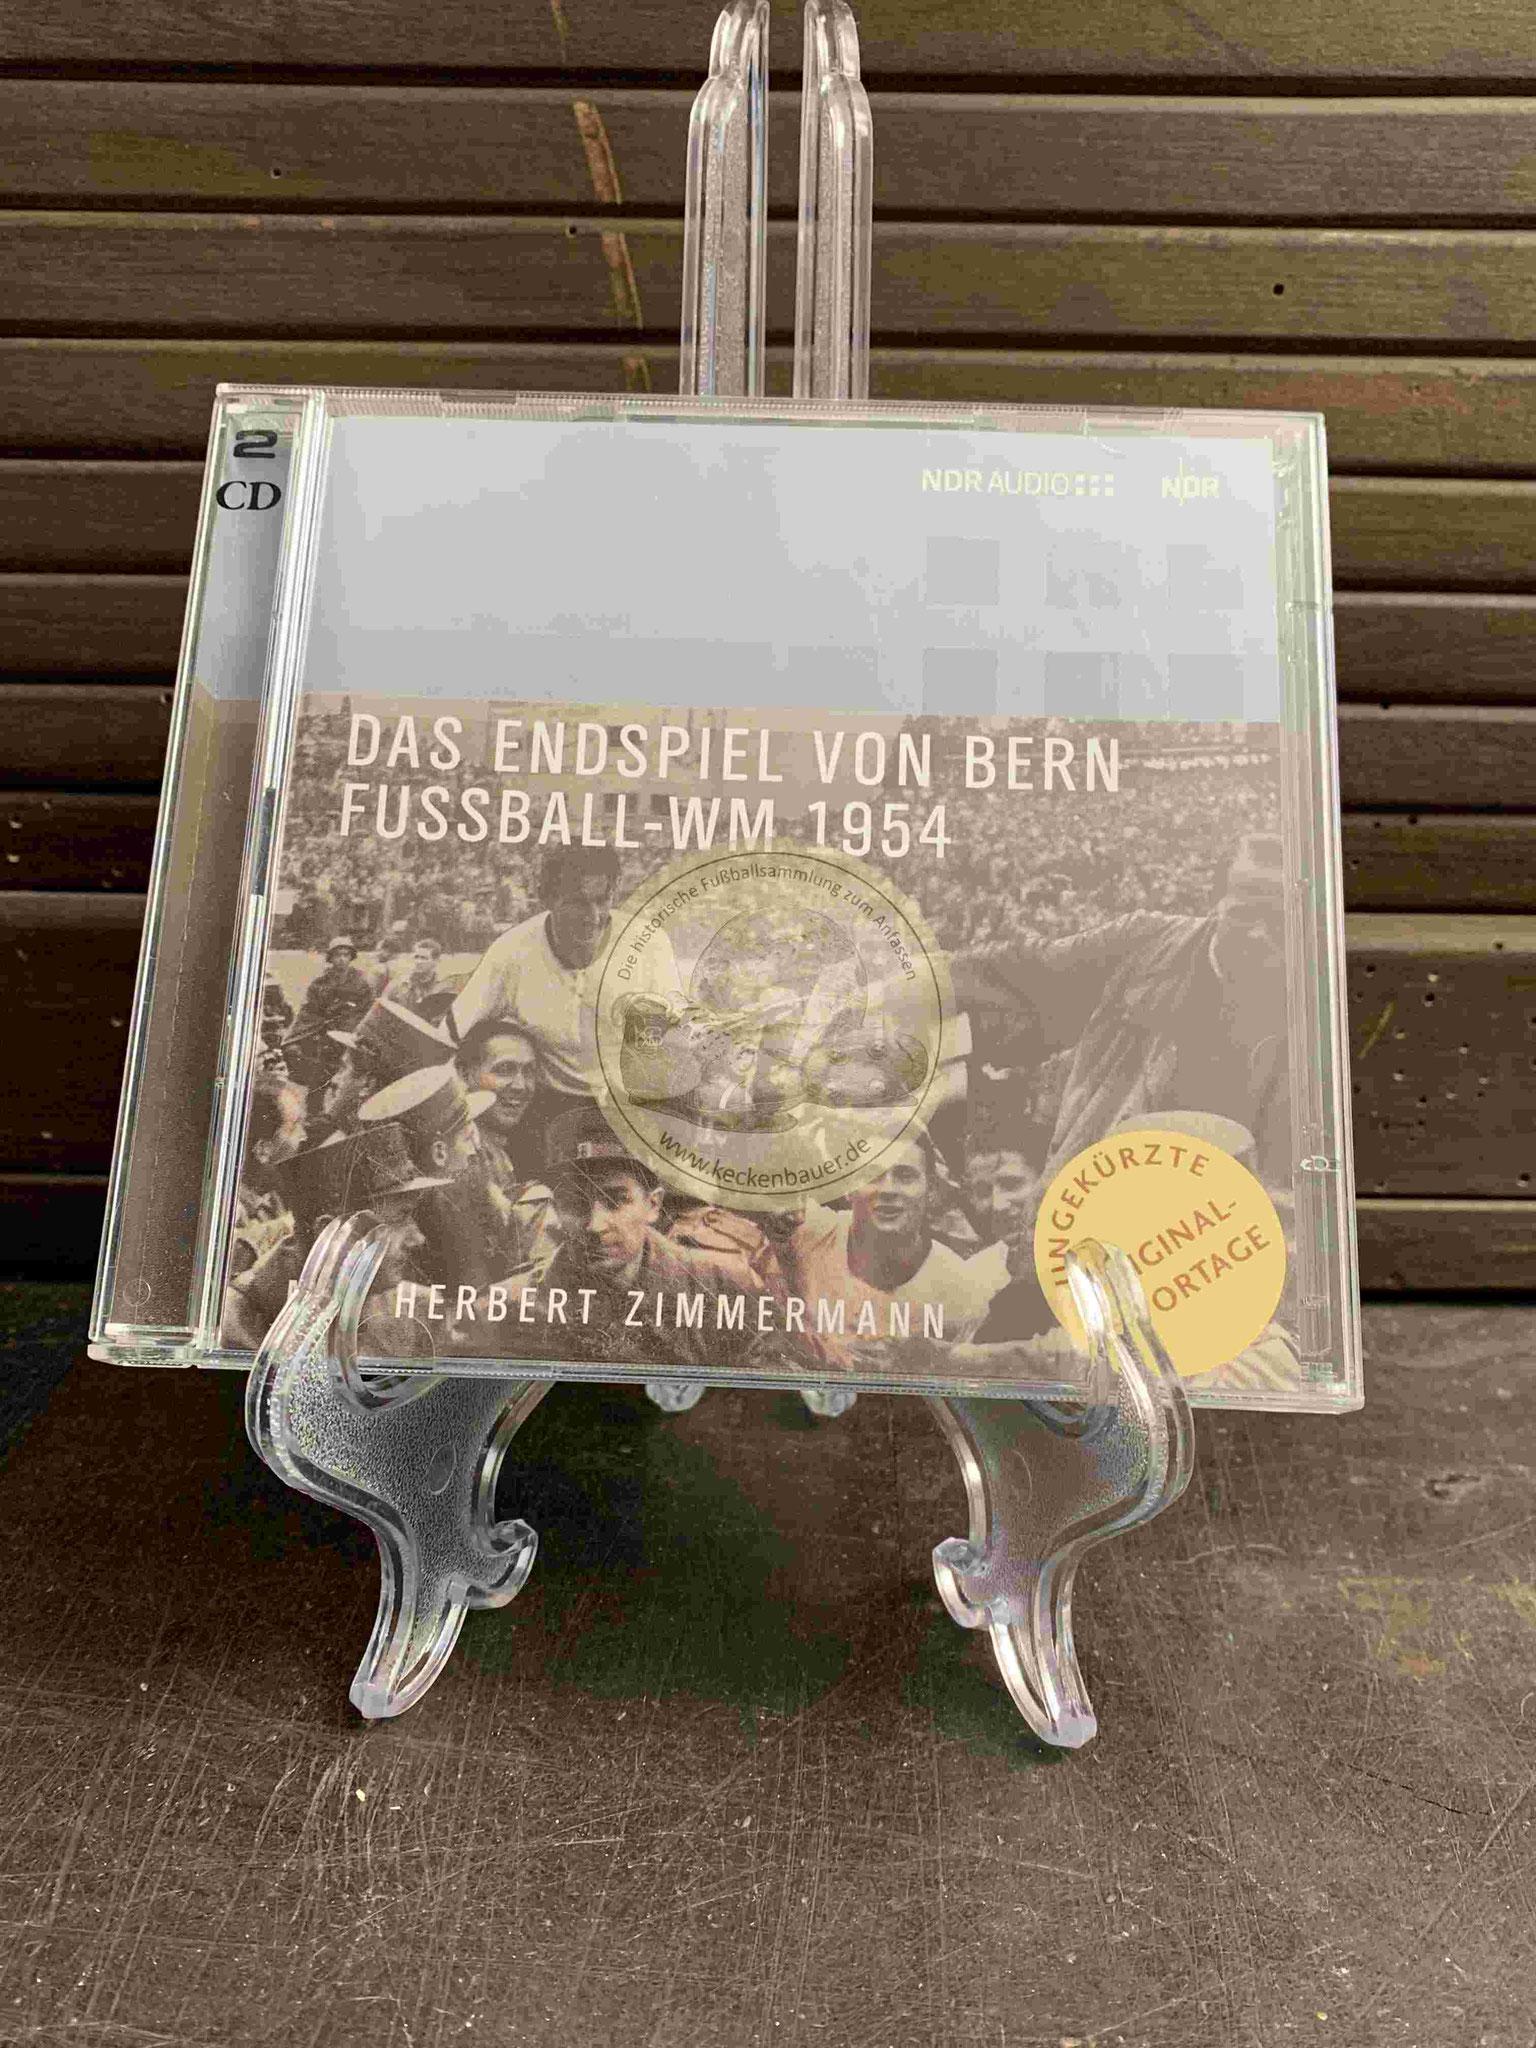 2004 Das Endspiel von Bern Fussball-WM 1954 Herbert Zimmermann